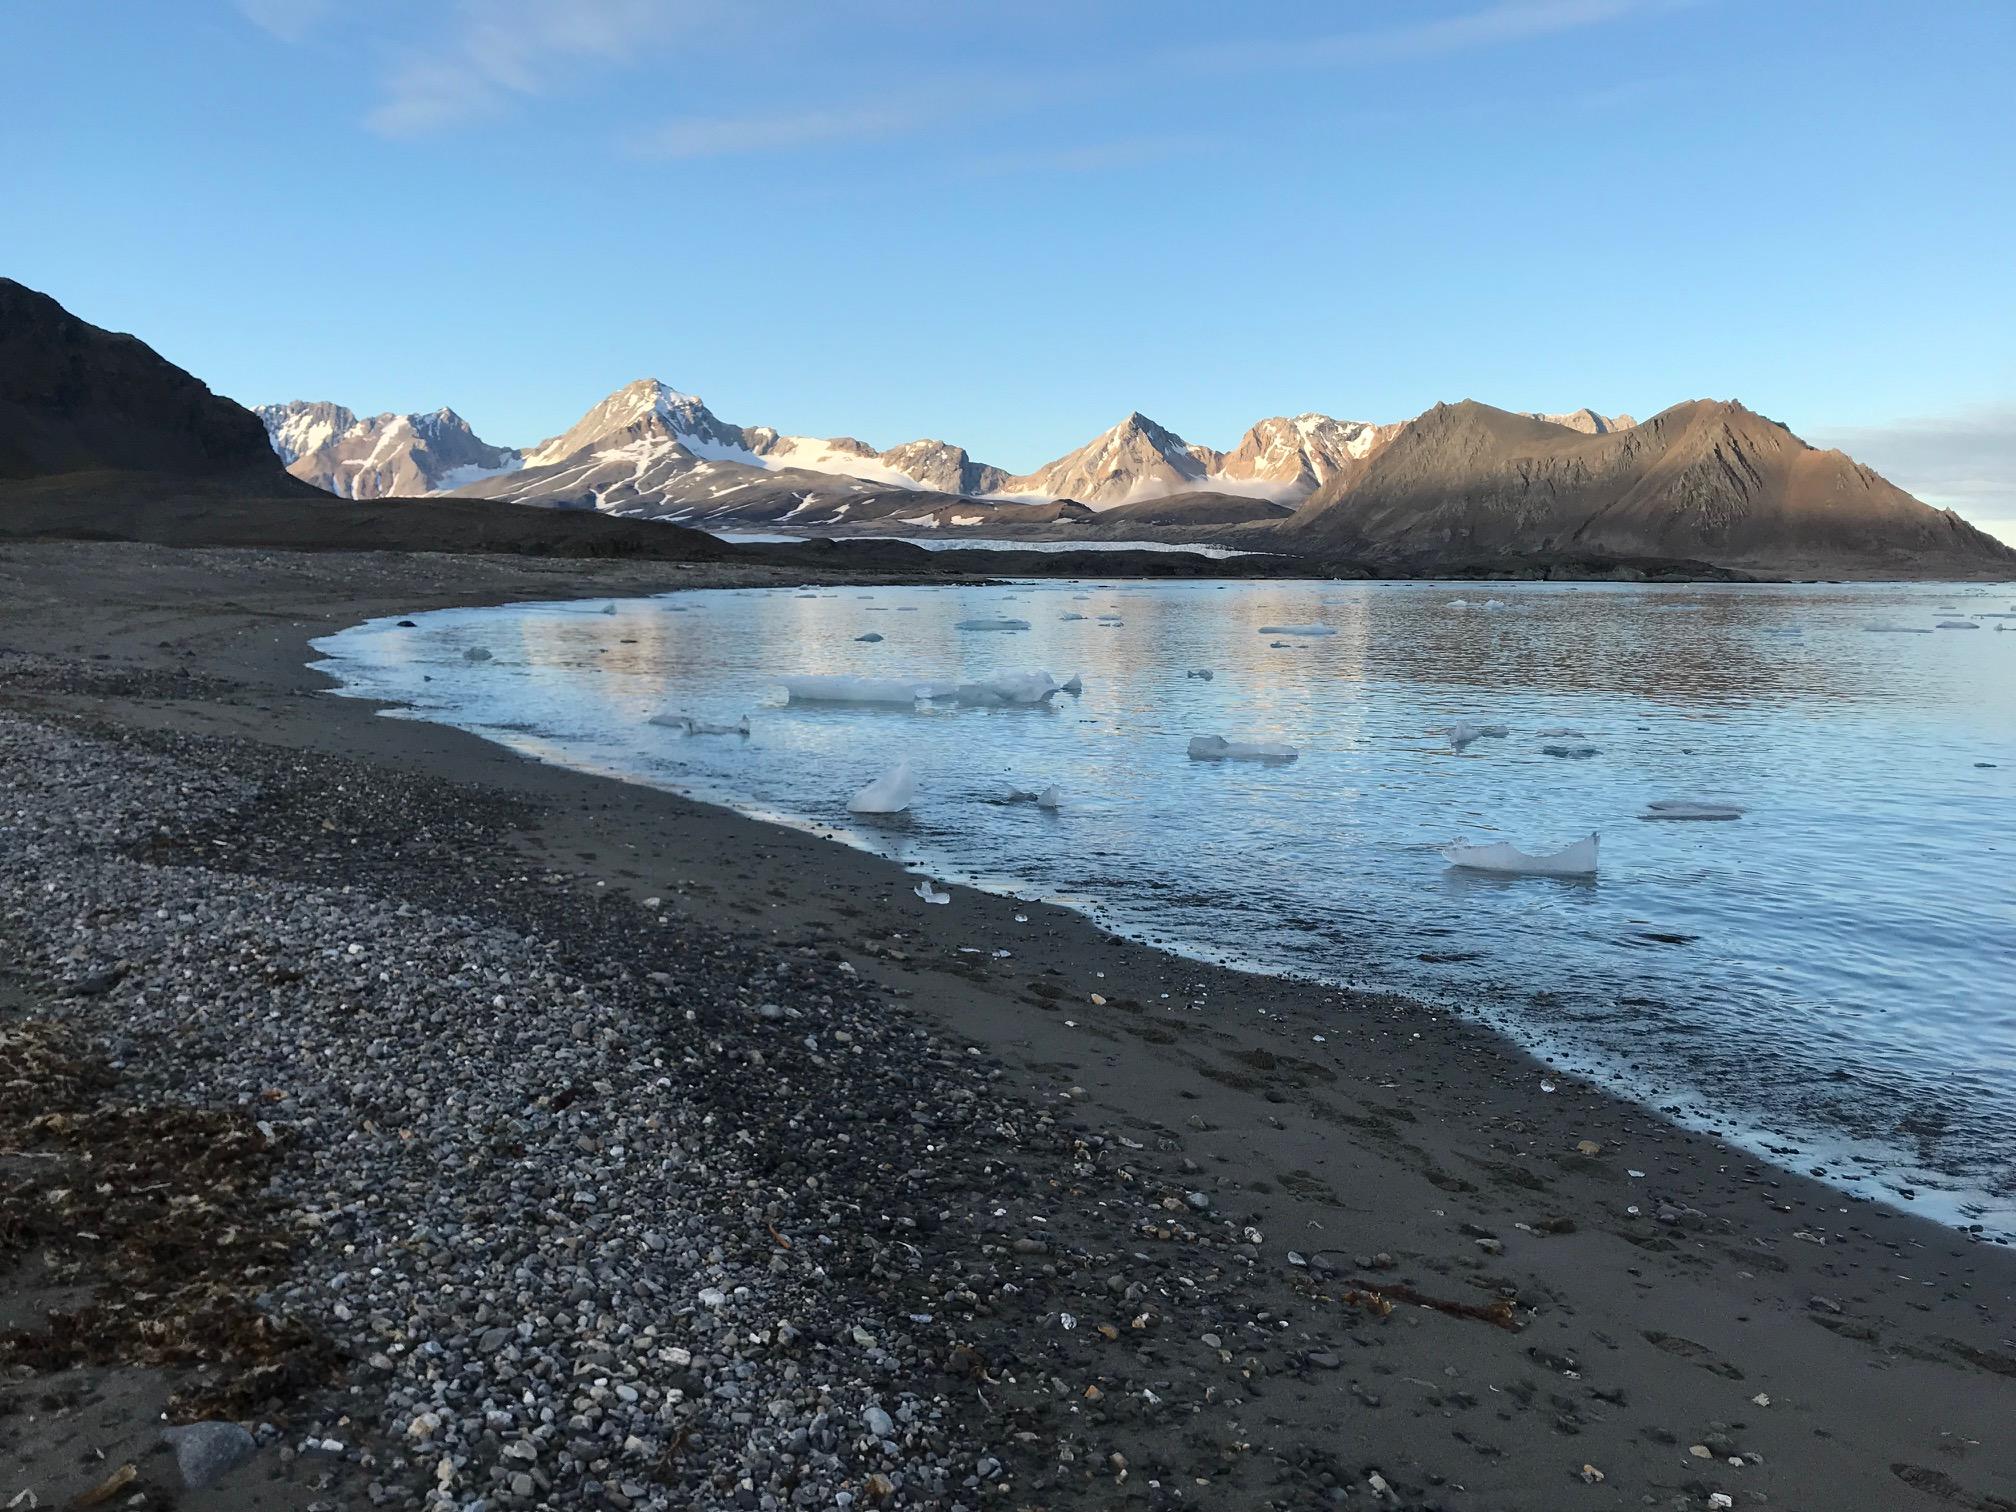 Icebergs in the water near the glacier at Hornsund (photo by Anneke van den Brink)